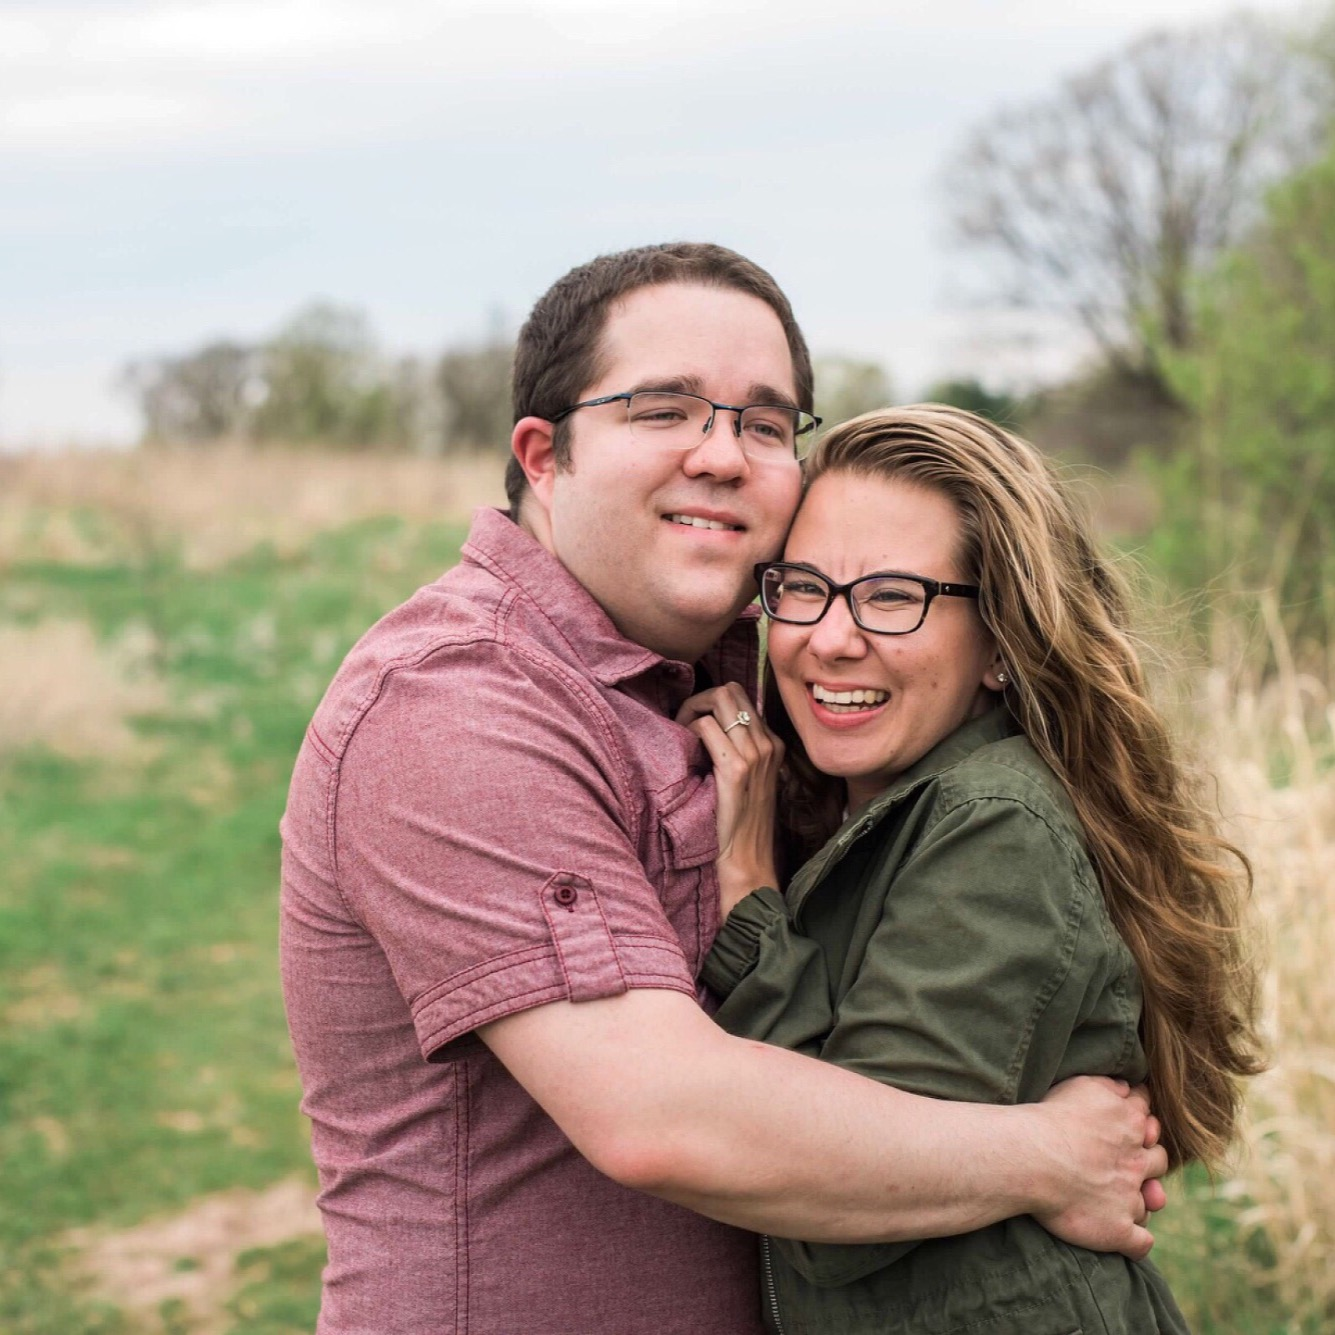 Melissa Bruebach and Matt Hayden - Wedding Registry - Amazon.com